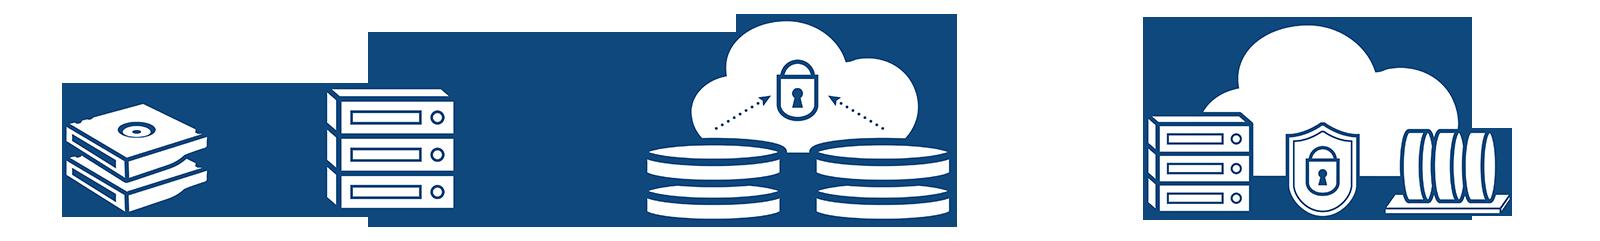 Iron Cloud Data Replication.